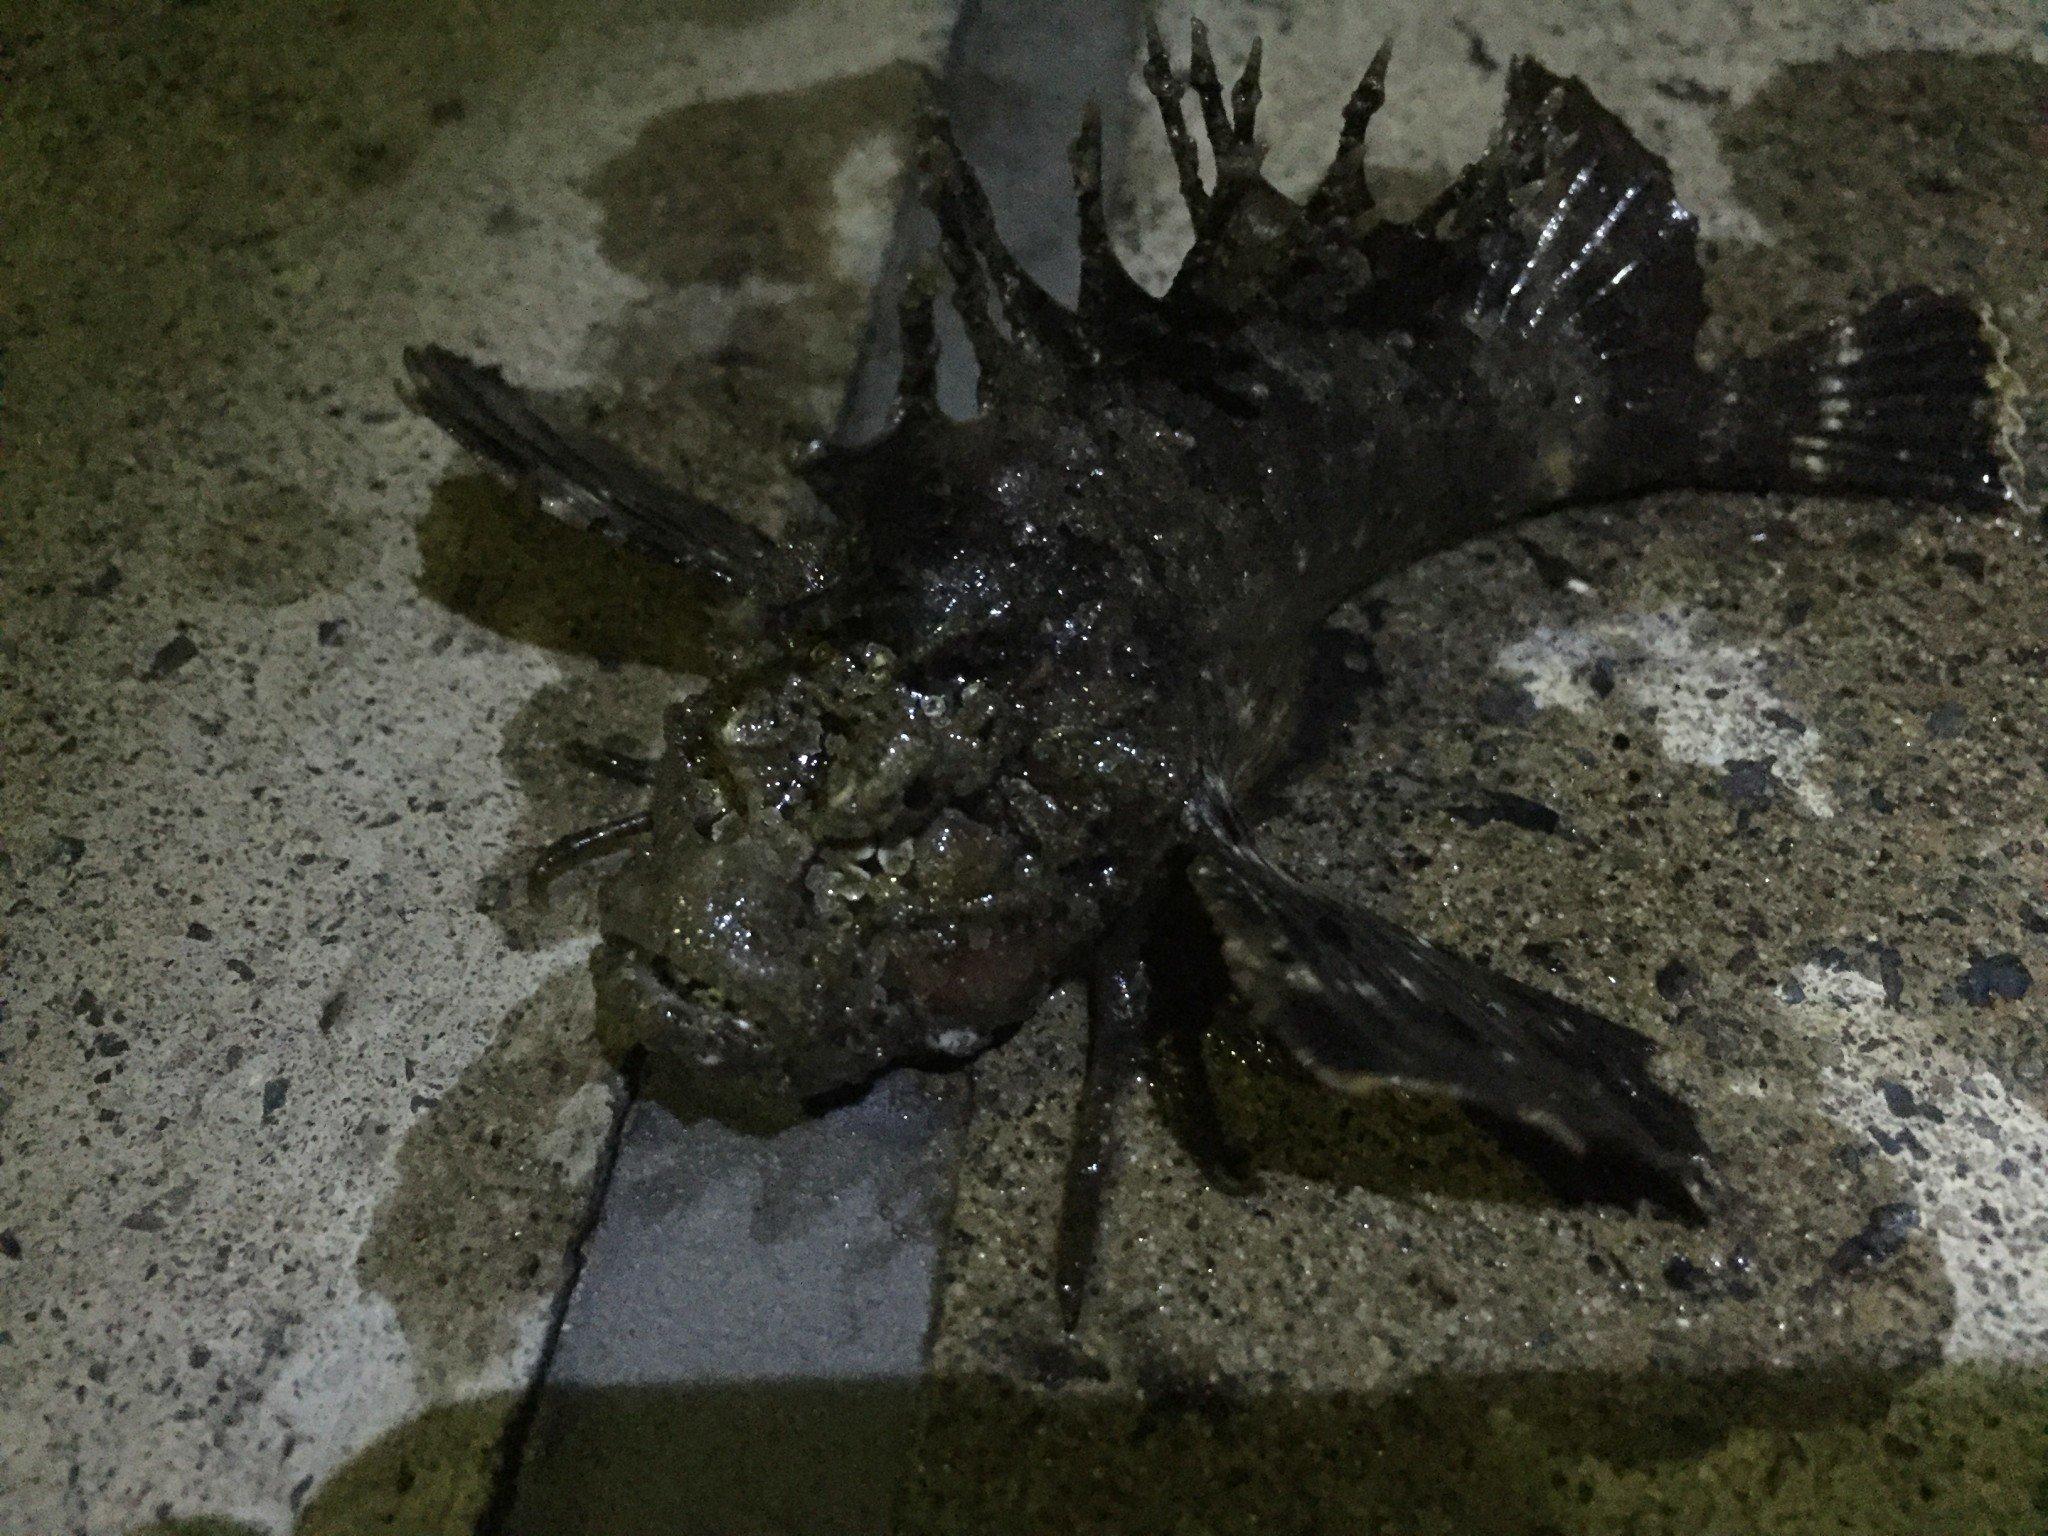 ゴミ?と見間違う毒魚「オコゼ」に注意!釣れたものに不用意に触らない